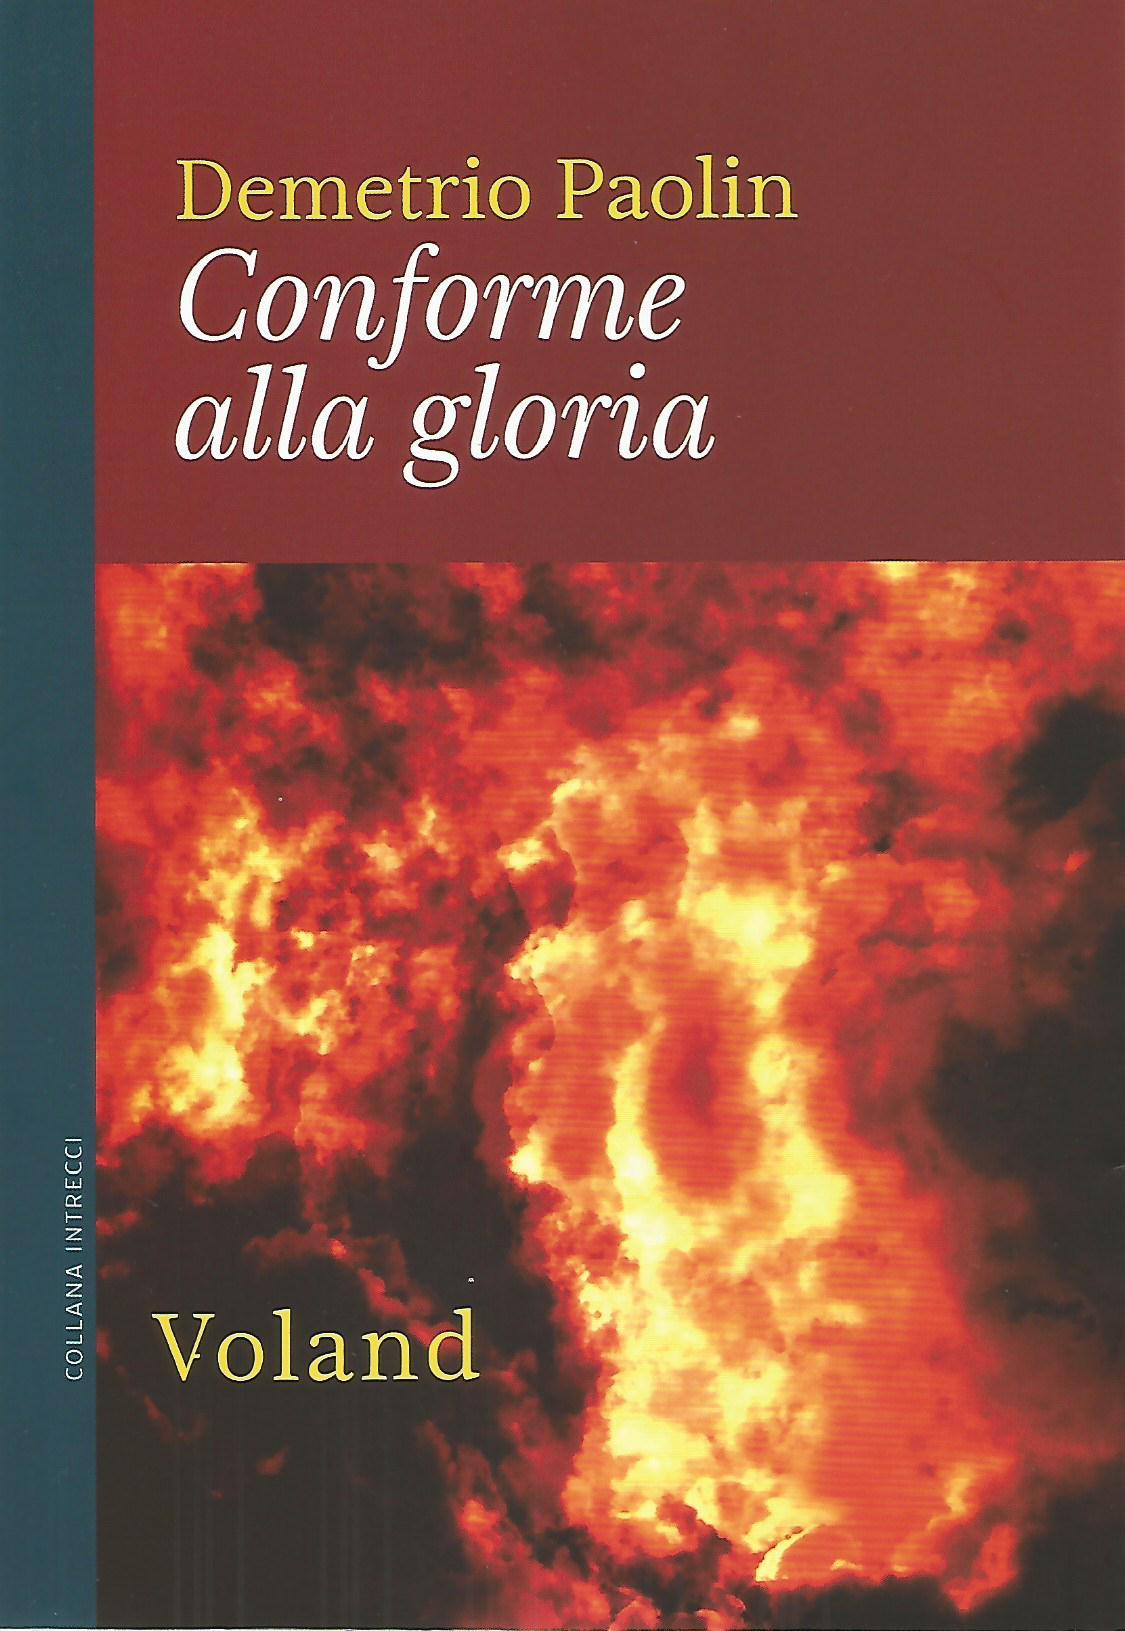 conforme-alla-gloria-demetrio-paolin-voland-copertina